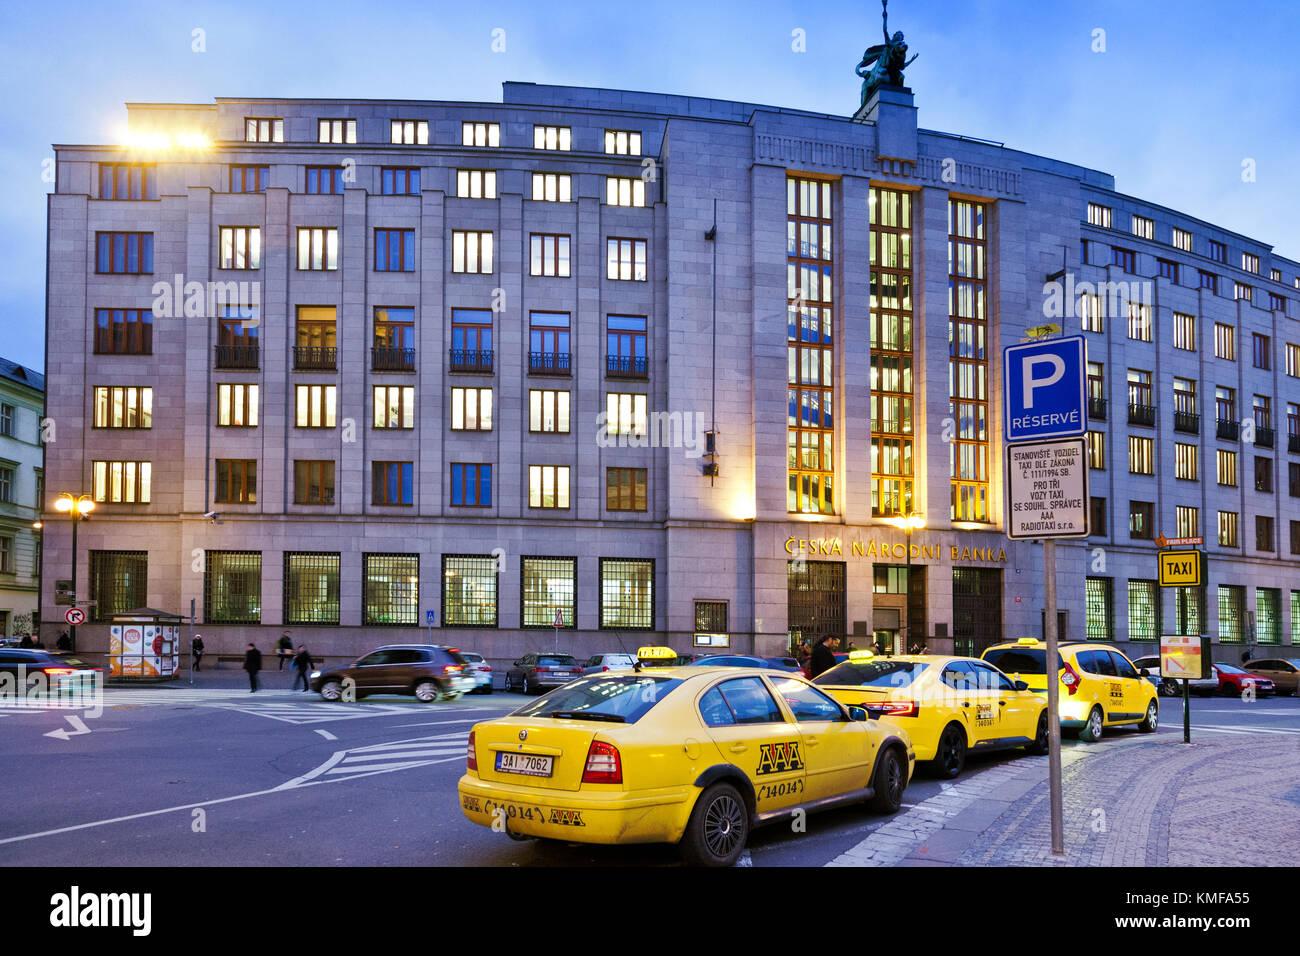 Čnb - la Česká národní banka, Namesti republiky, Stare Mesto, Praha, Ceska Republika / cnb - Banque nationale tchèque, prikopy, Prague, République tchèque Banque D'Images